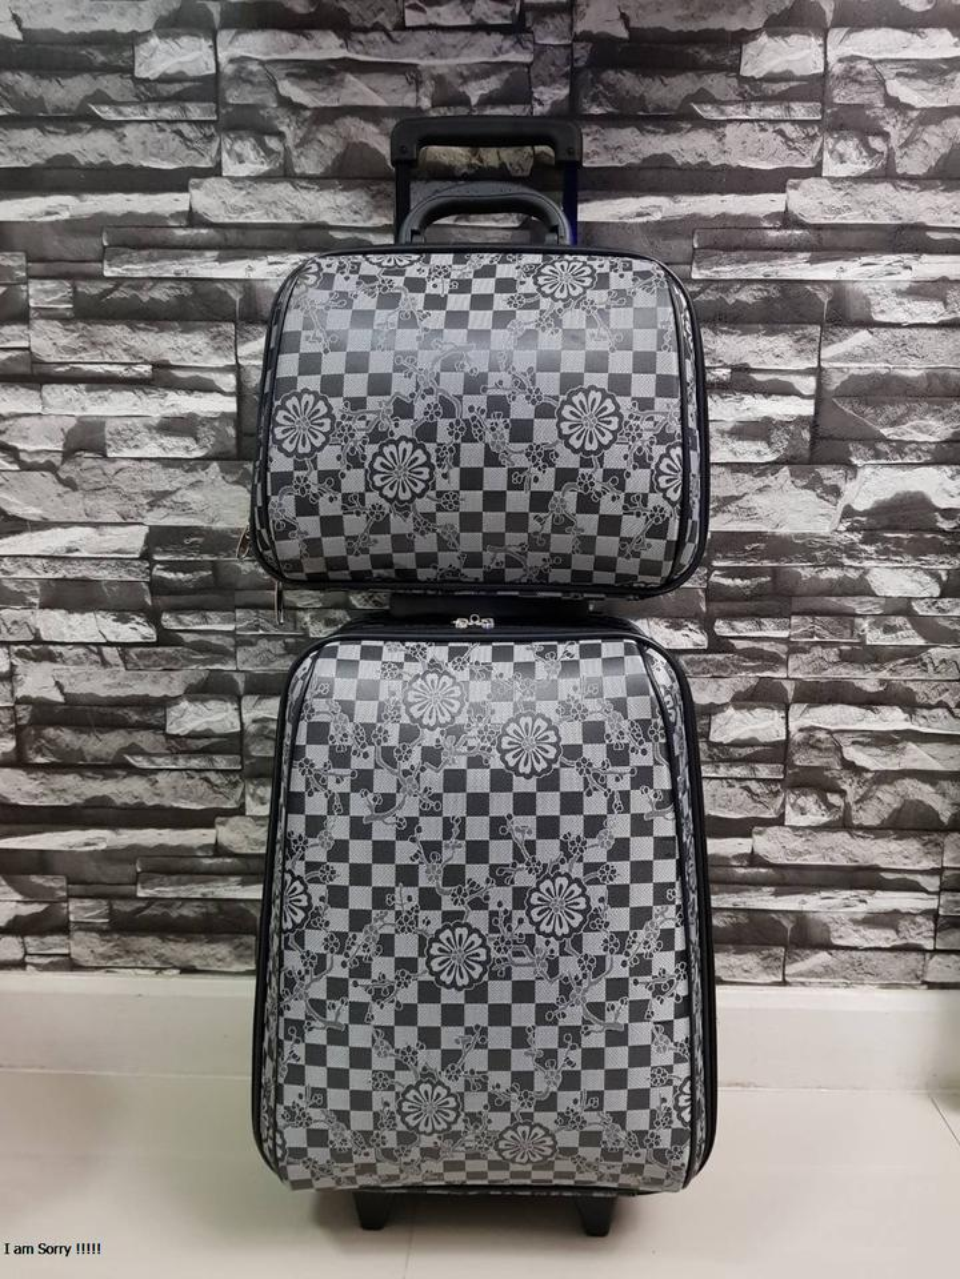 กระเป๋าเดินทางแบบผ้า เซ็ทคู่ 18/13 นิ้ว ลาย Gray/Black รูปที่ 2